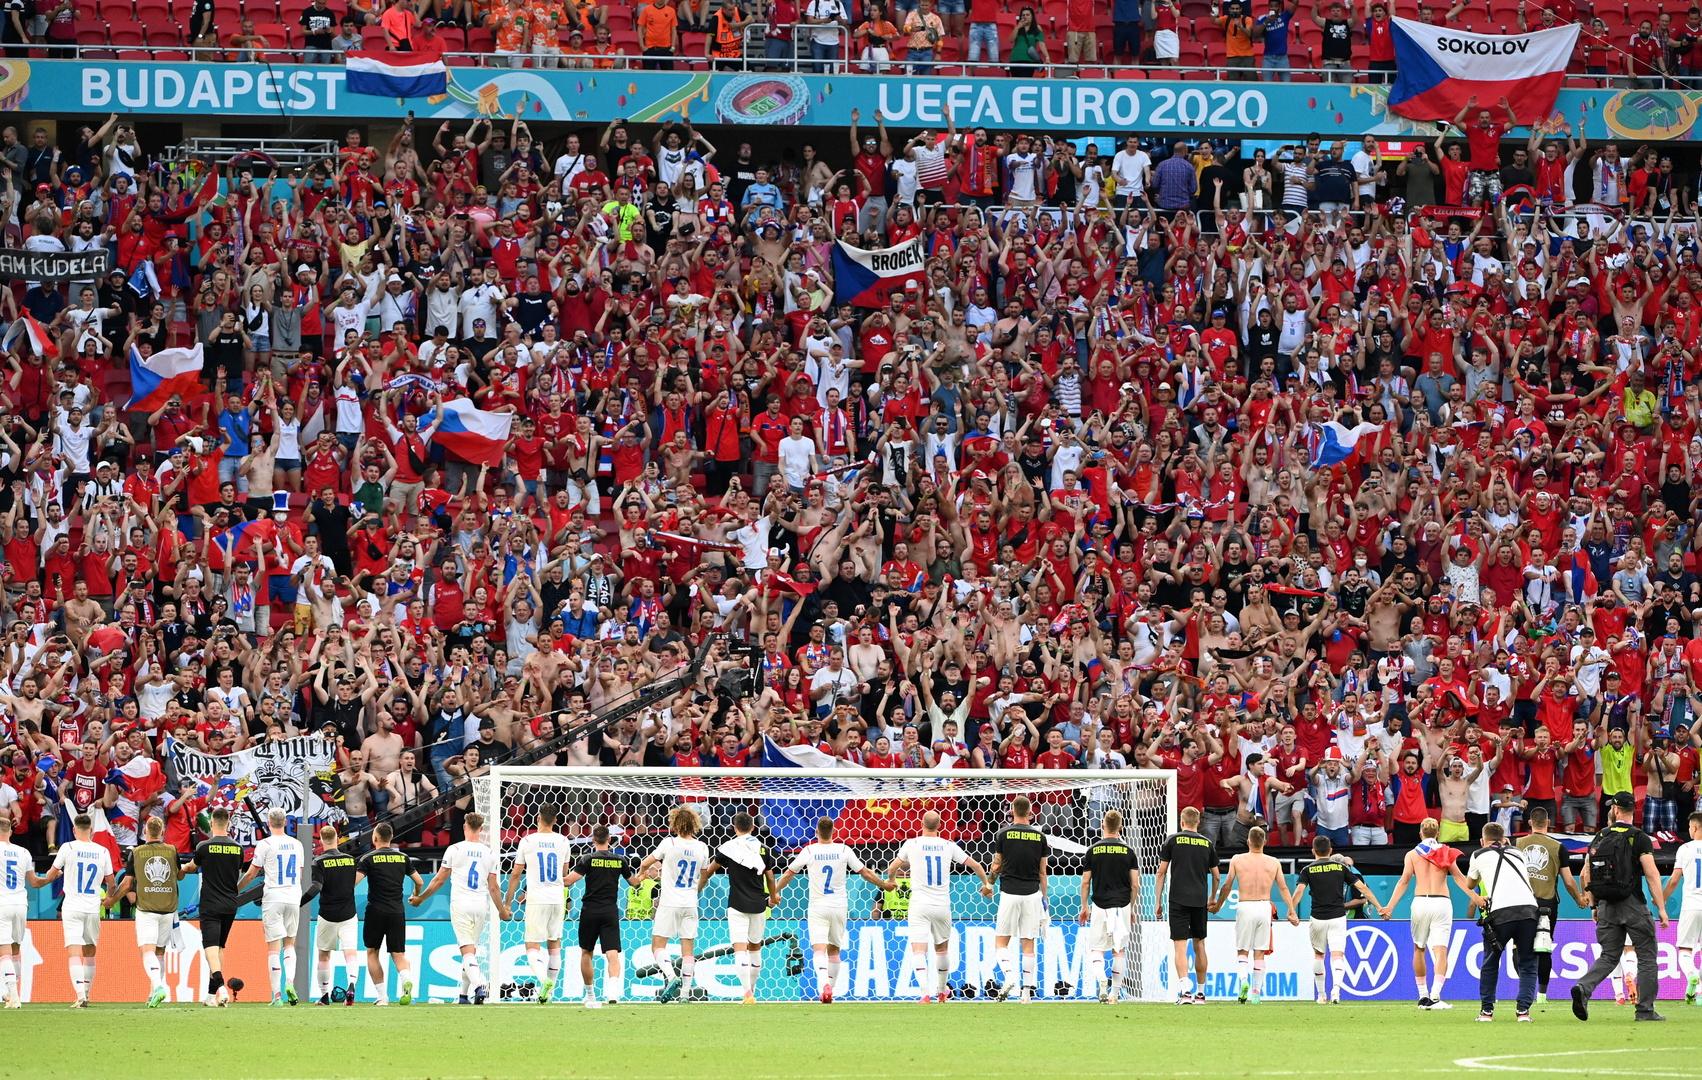 منظمة الصحة تحذر من الزحام في ملاعب كرة القدم بأوروبا